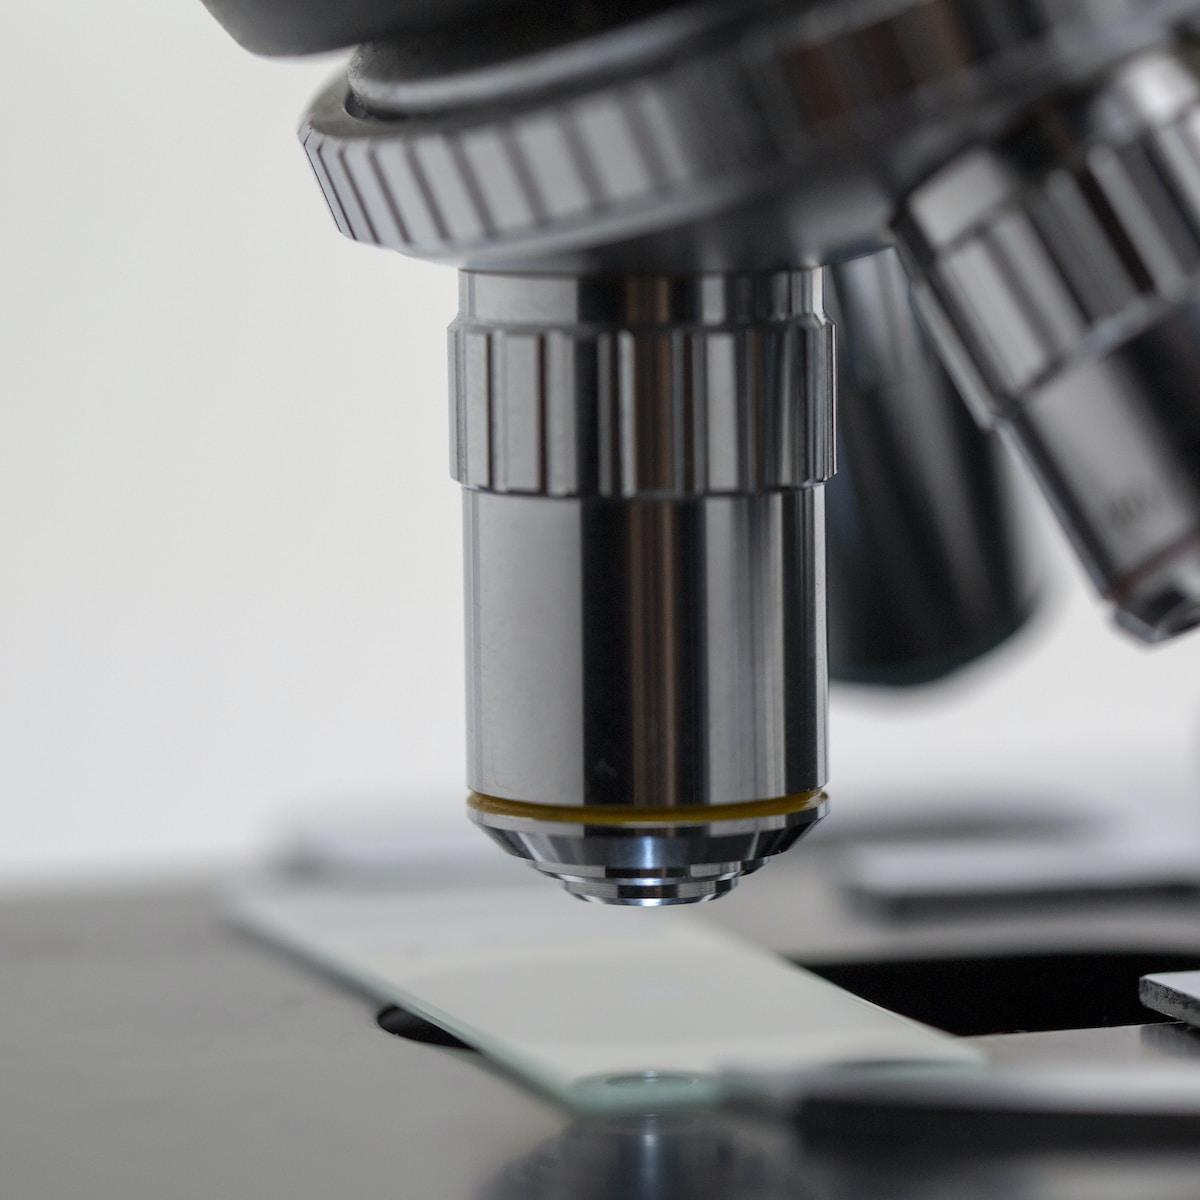 FECYT, silver microscope